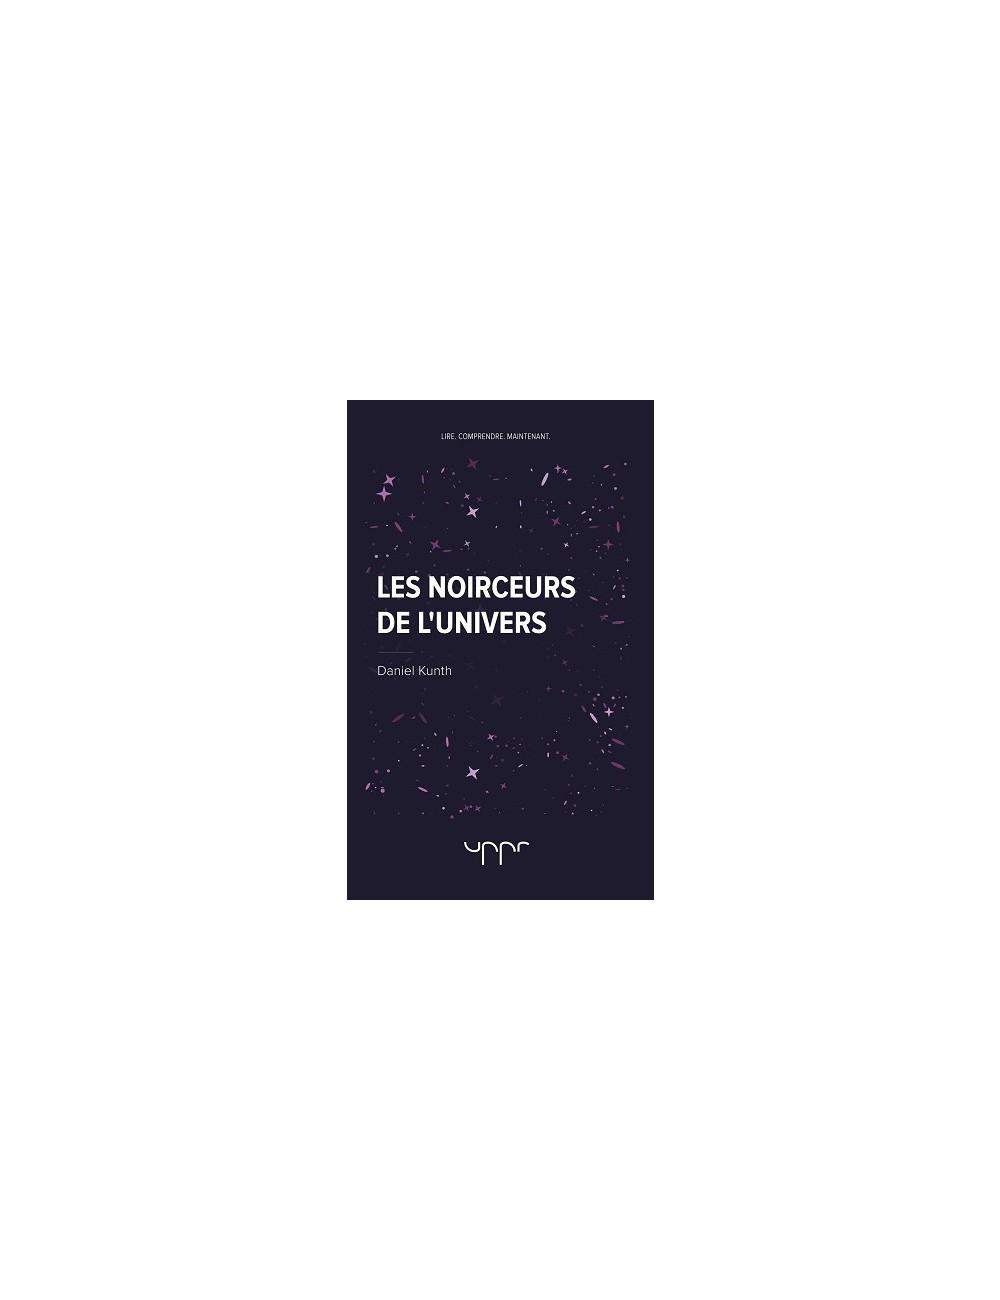 Les noirceurs de l'univers